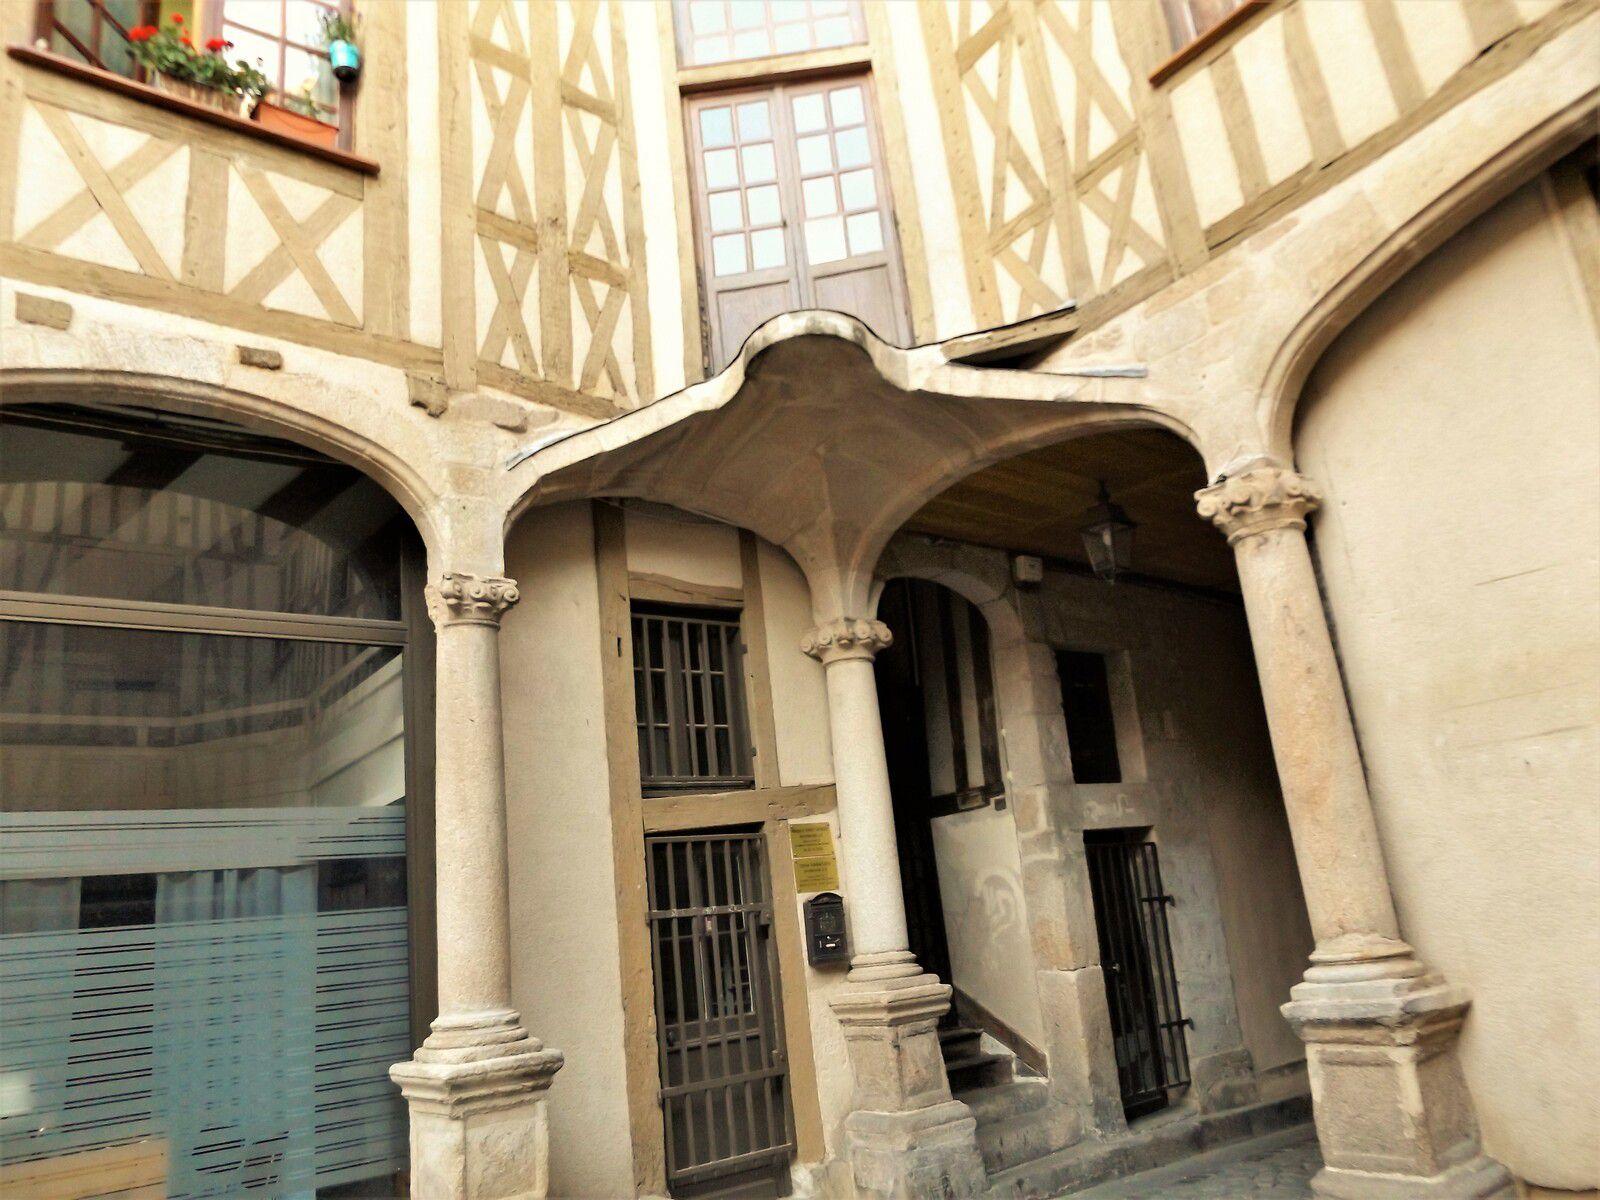 L'ancien Hôtel Particulier de la Peyrière à Limoges avec sa belle cour et sa porte cochère monumentale